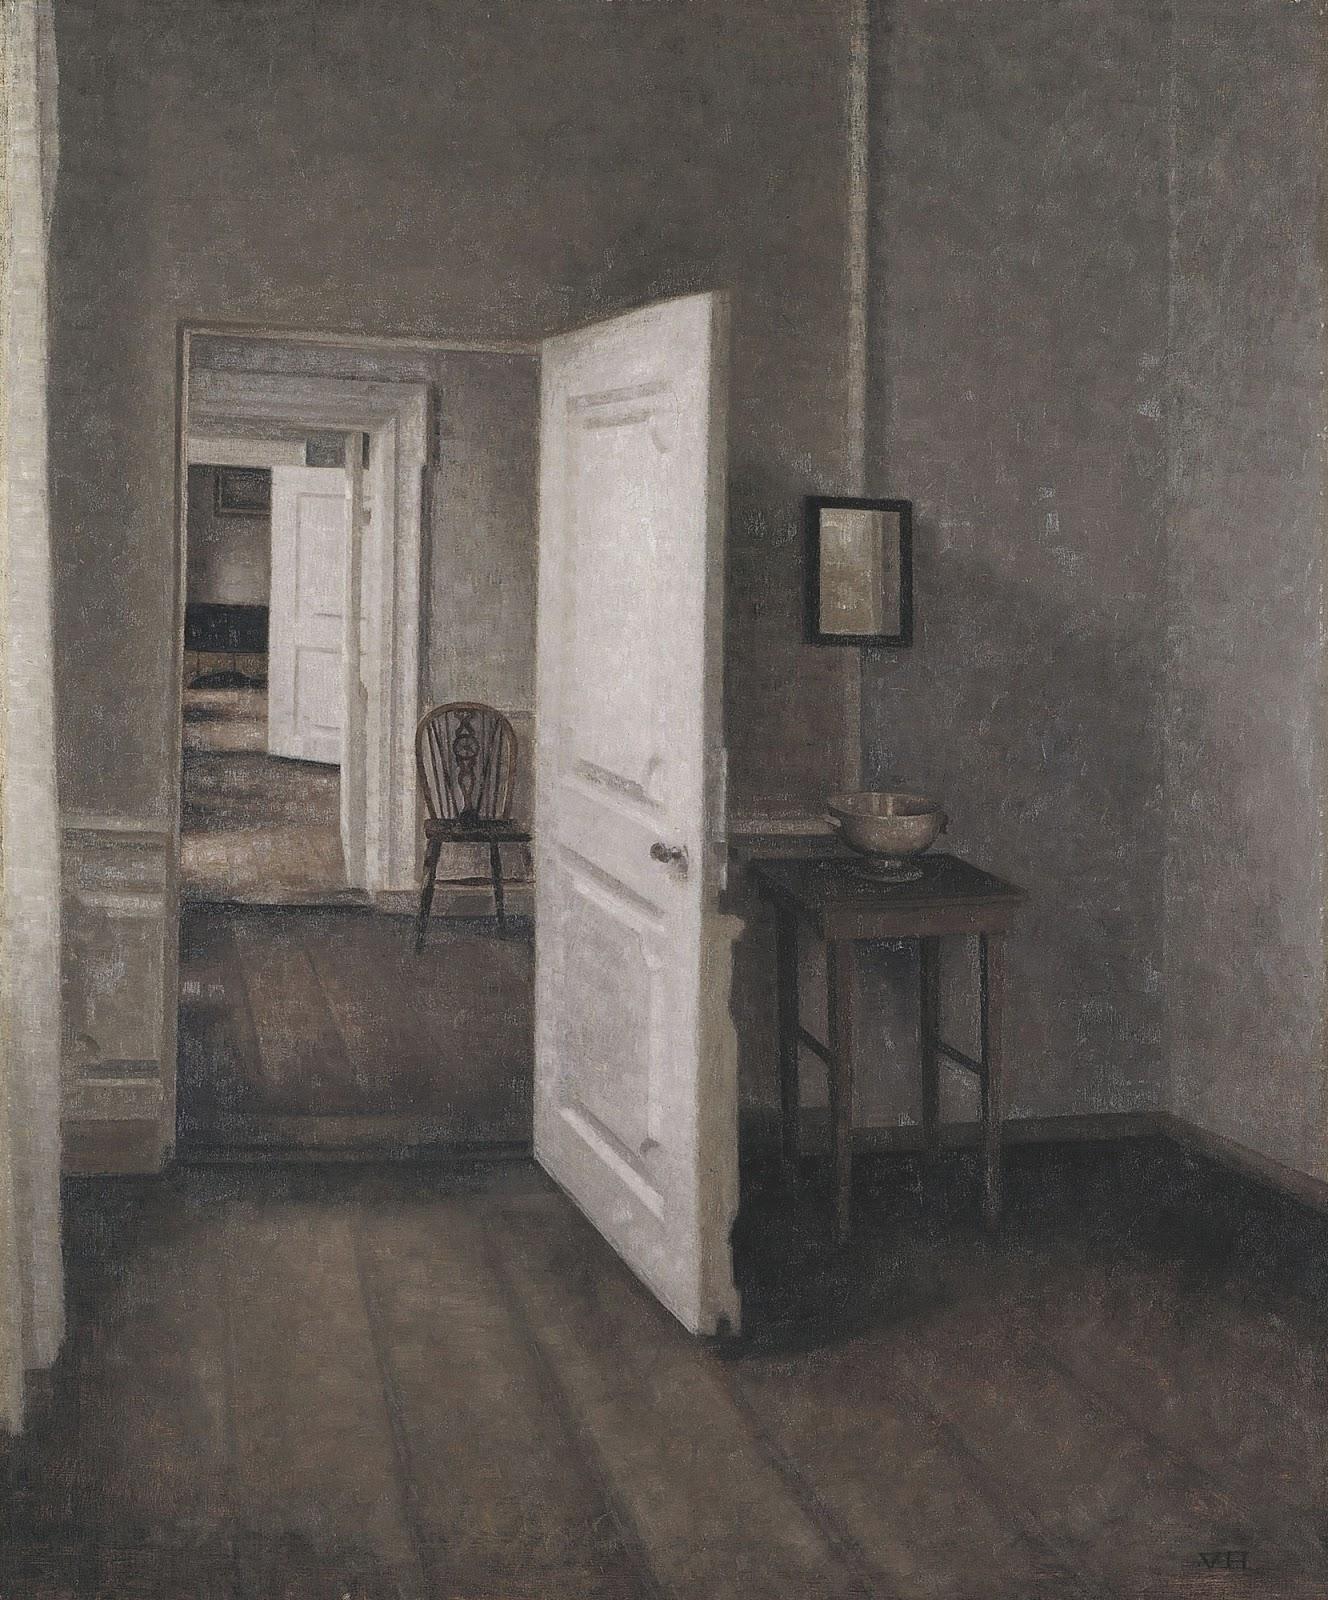 ヴィルヘルム・ハンマースホイの四つの部屋